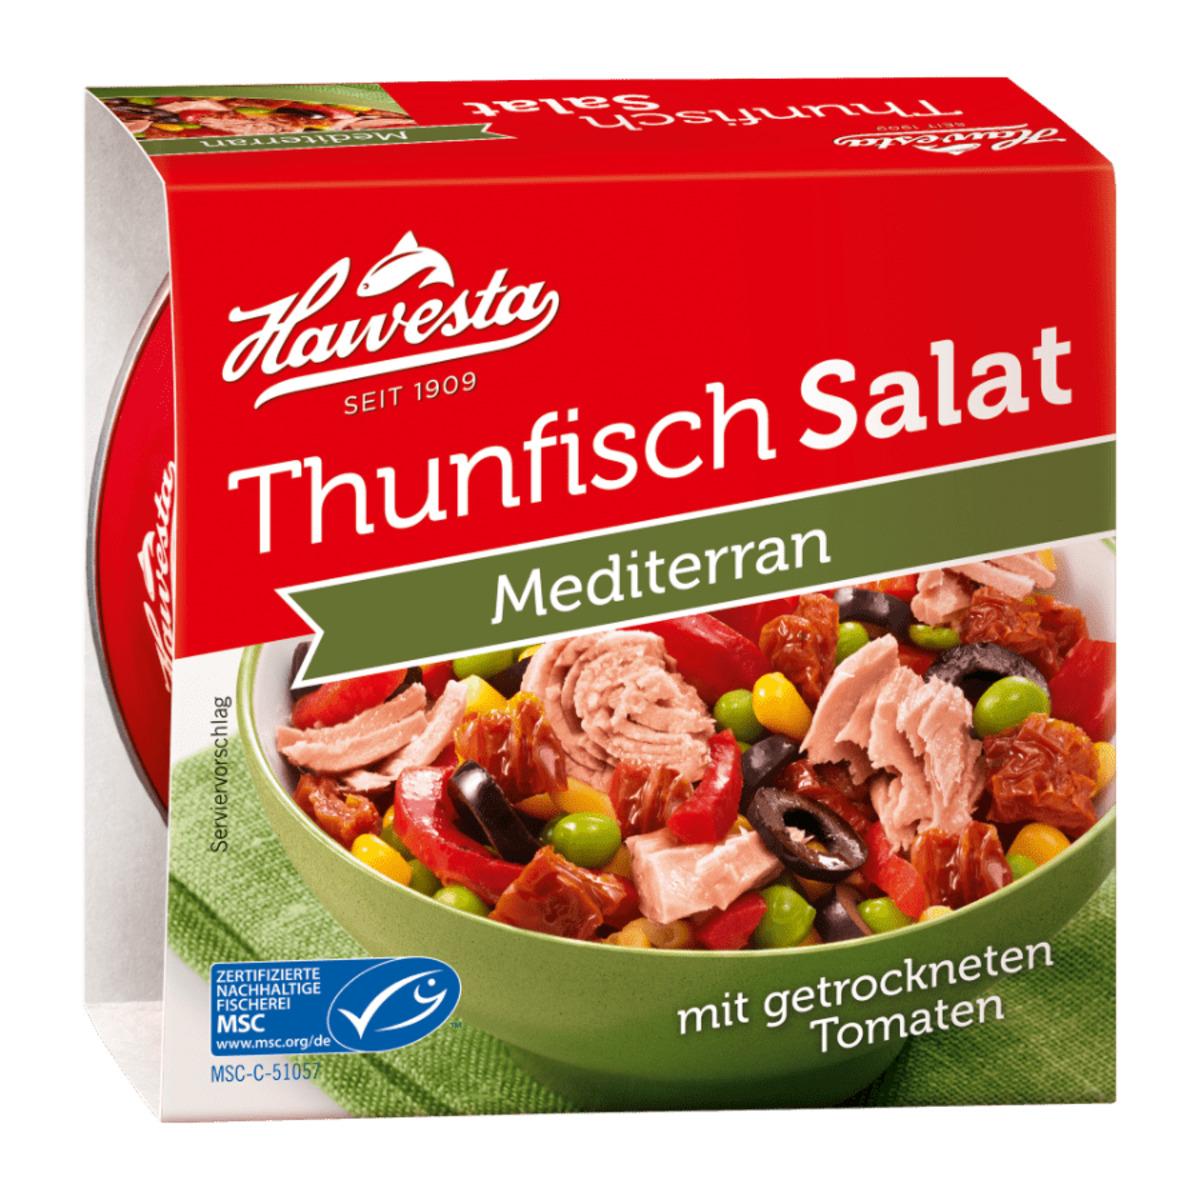 Bild 4 von HAWESTA     Thunfisch Salat